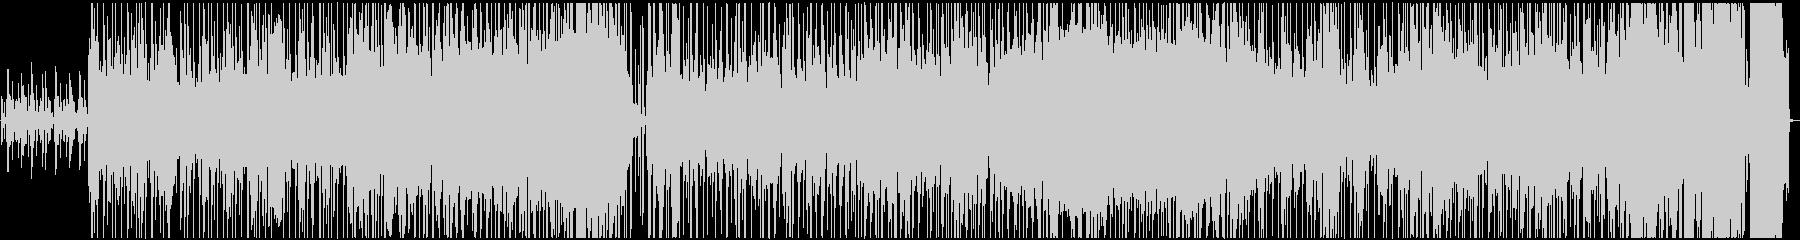 明るく楽しいオルガン・ファンクの未再生の波形